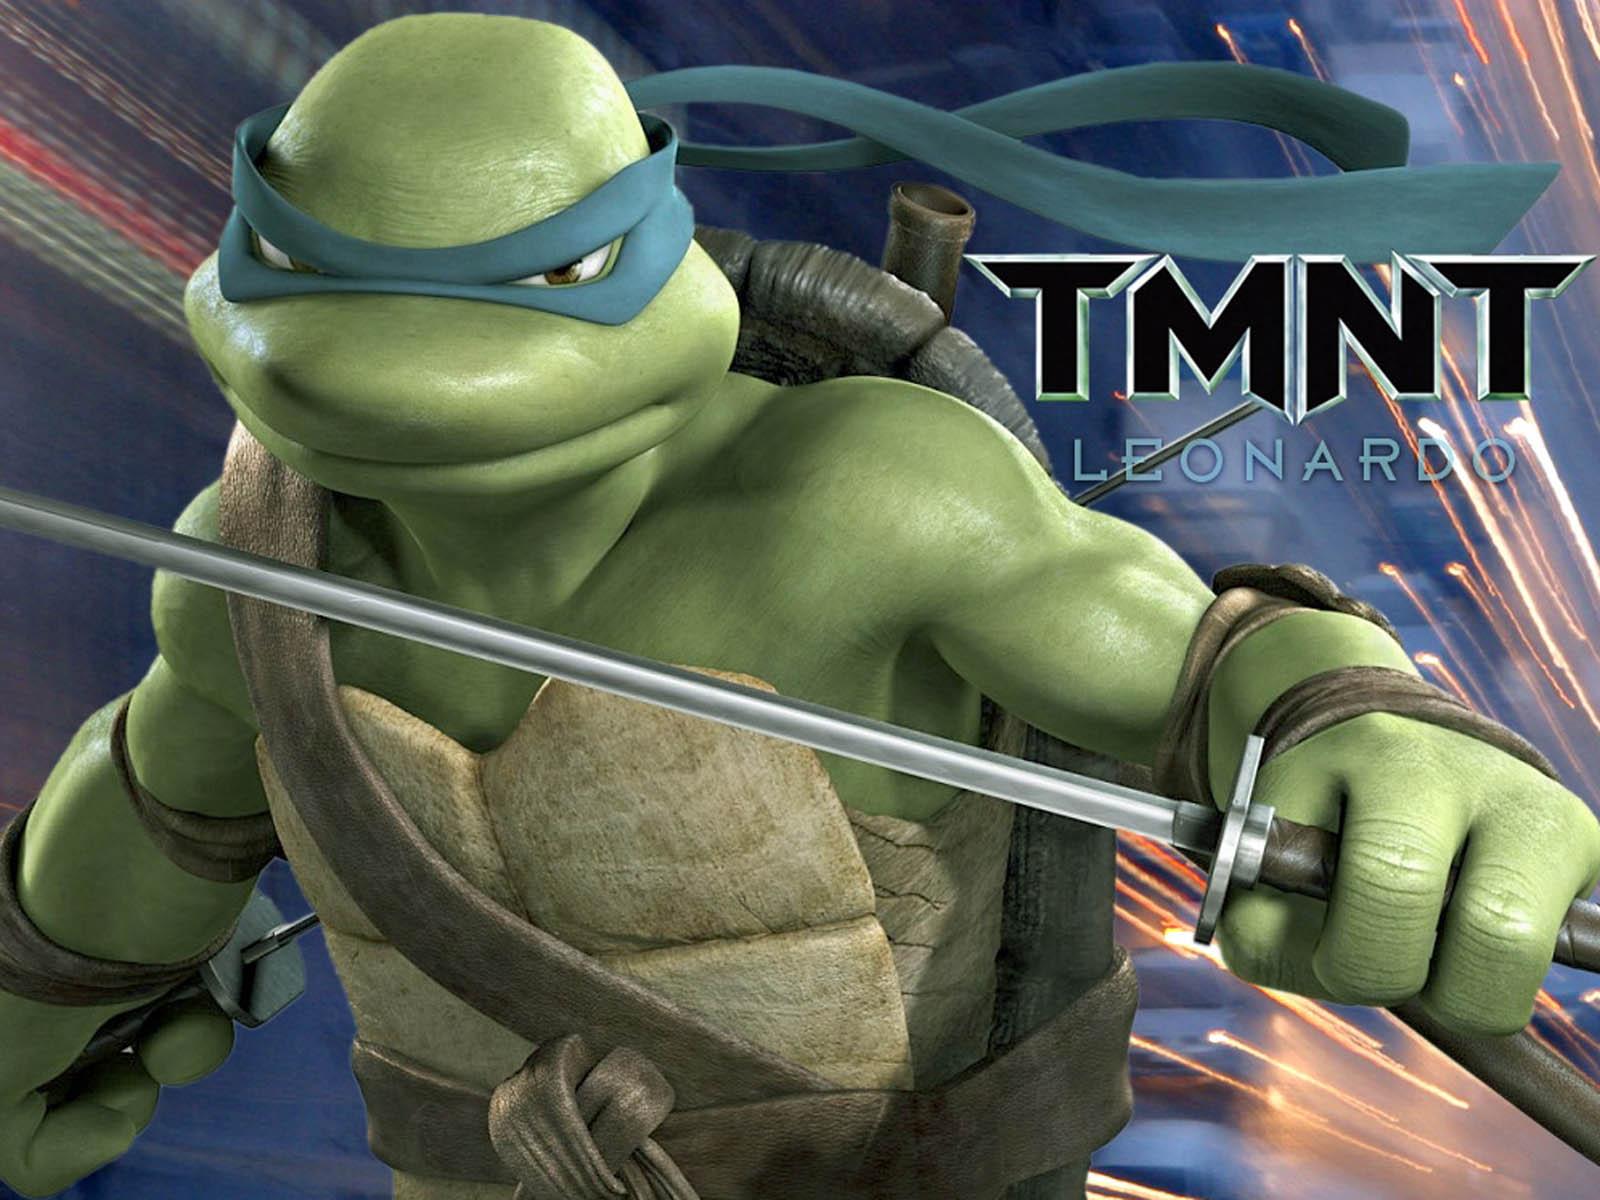 Donatello Tmnt Iq